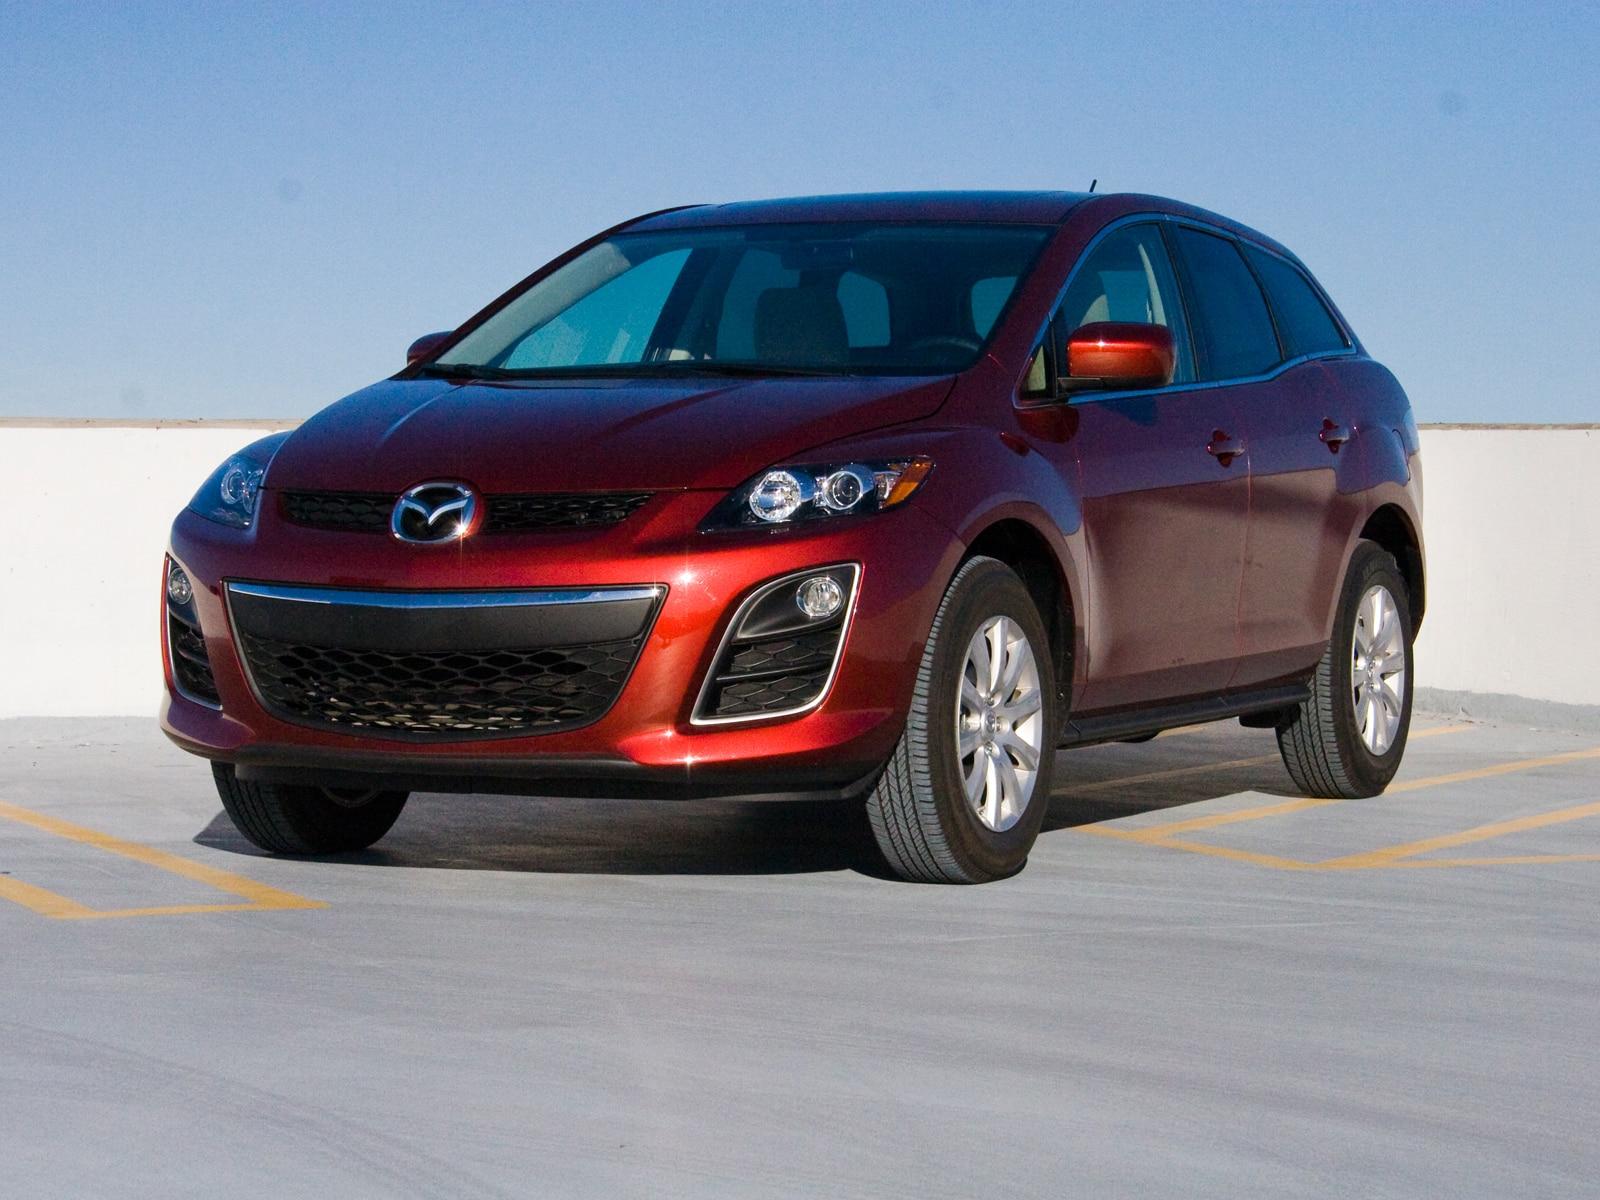 2010 Mazda Cx7 I Sv